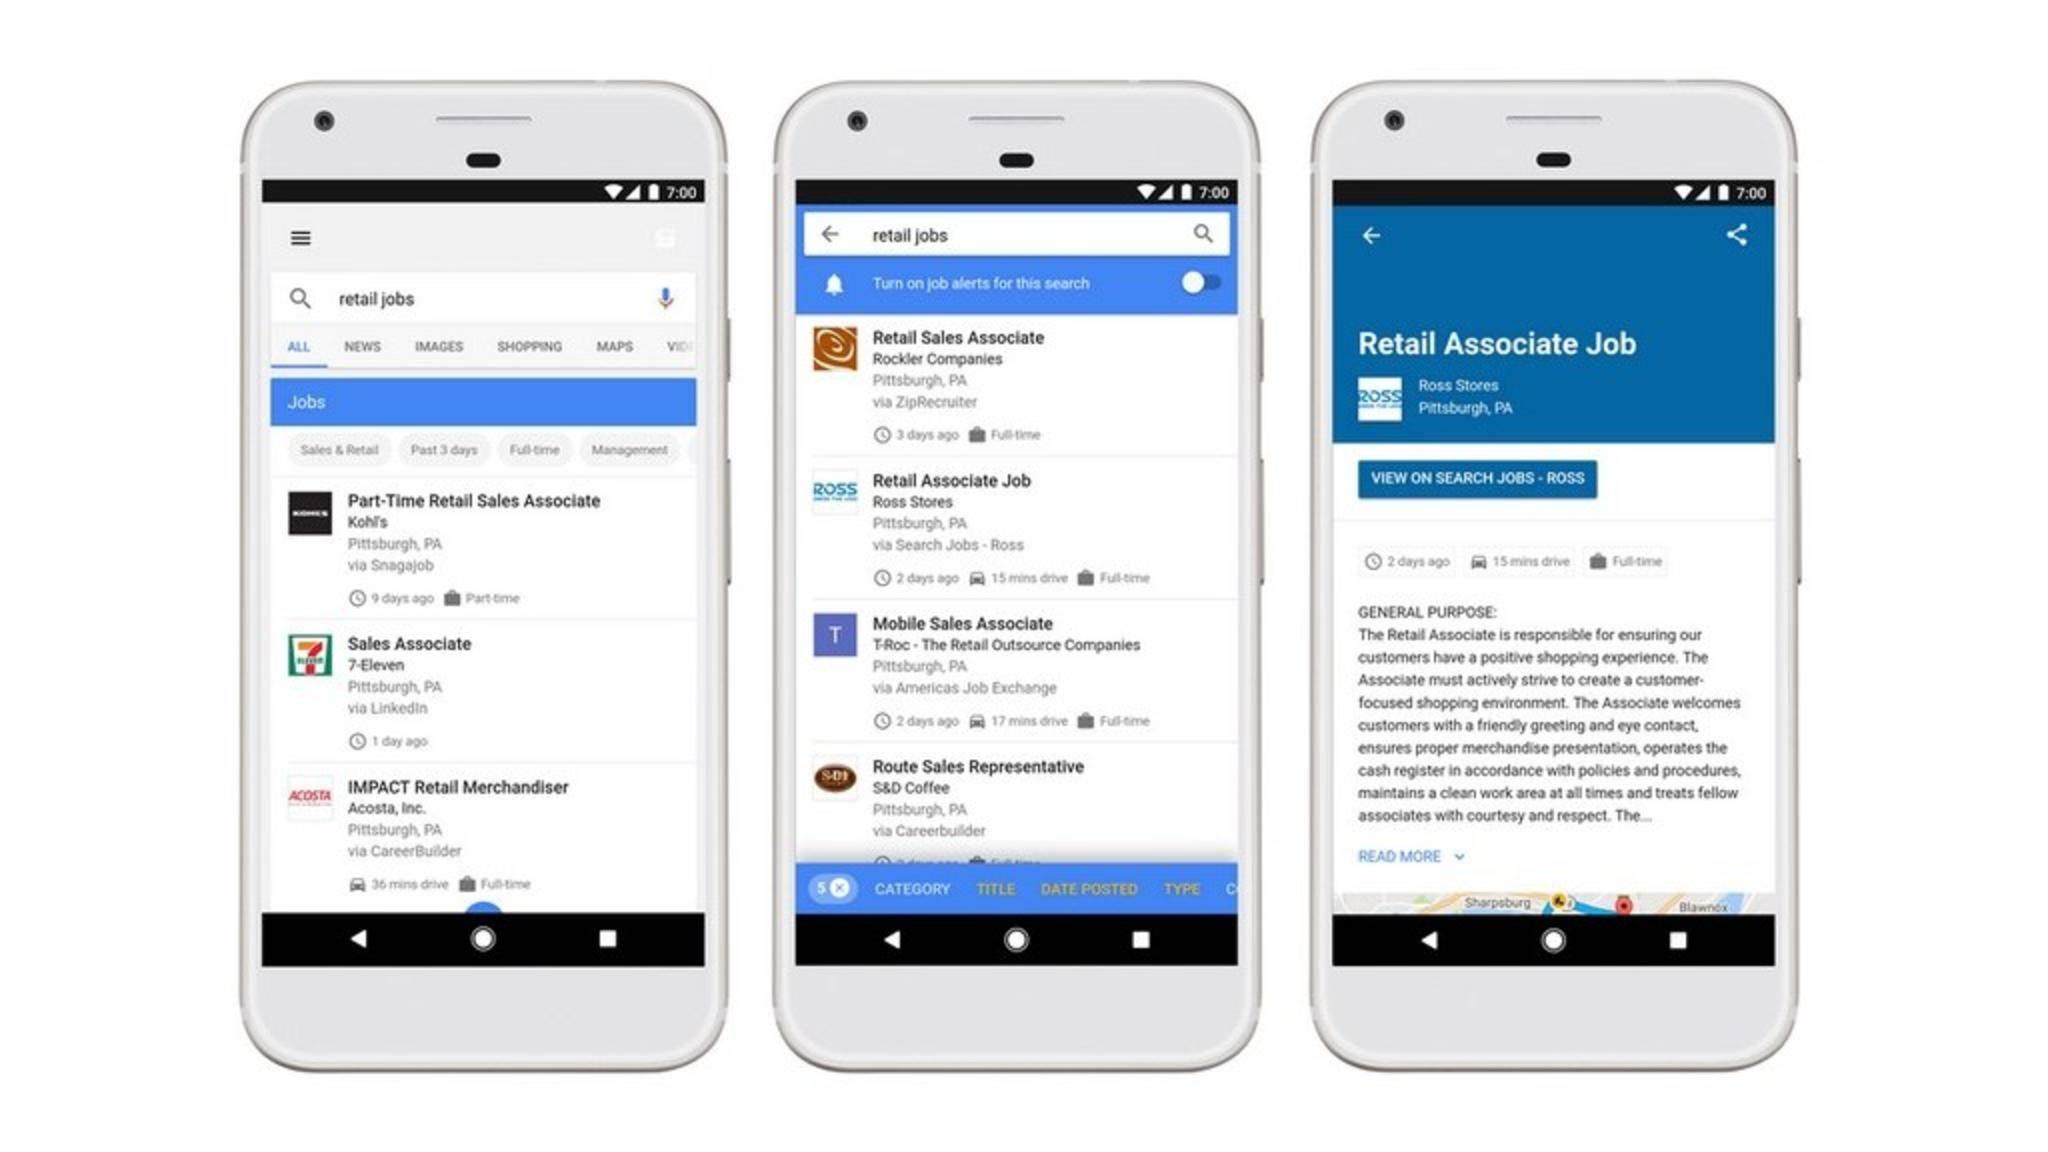 Google lässt Nutzer jetzt auch nach Jobs suchen.